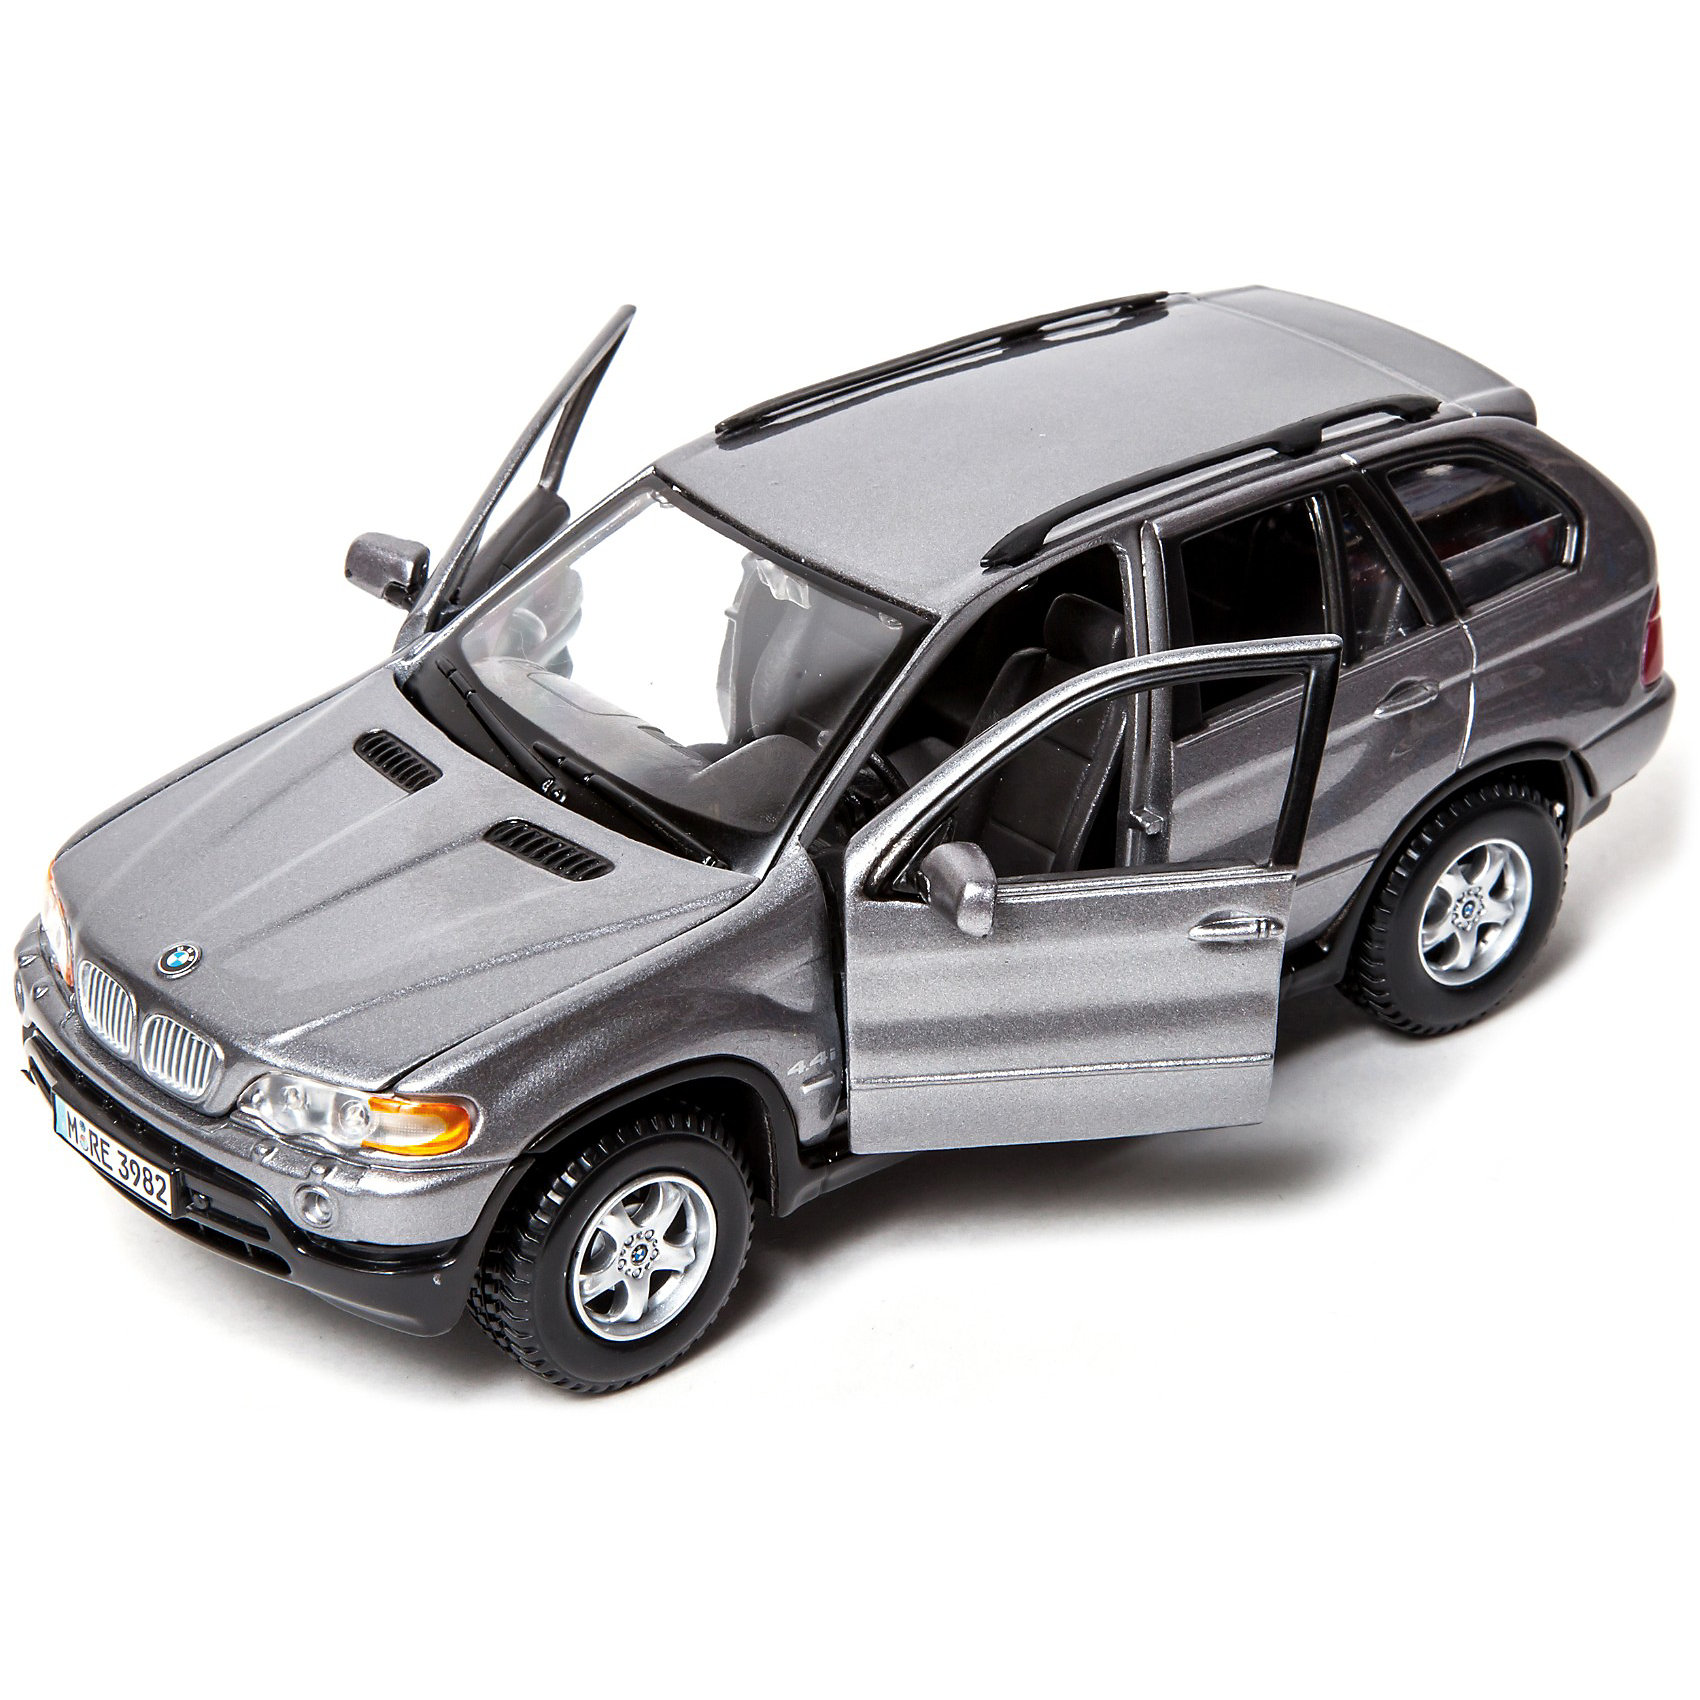 Машина BMW X5 металл., 1:24, BburagoМашина BMW X5 металл., 1:24, Bburago(Бураго)<br>Компания Bburago – мировой лидер в производстве коллекционных  моделей автомобилей.  <br>Более 30 лет профессиональные дизайнеры Bburago разрабатывают точные копии современных машин и ретро машин известных марок.  <br><br>Первый BMW X5, дебютировавший в 1999 году, менеджеры компании назвали автомобилем класса Sport Activity Vehicle (SAV), то есть машиной, рассчитанной на людей, ведущих активный образ жизни.<br>По сегодняшним меркам такой автомобиль более подходит под определение «кроссовер», ибо по своей концепции и оснащению он предназначен для хороших дорог и скоростной езды.<br><br>Функциональность игрушки:<br>- автомобиль  создан в масштабе 1:24<br>- у модели крутится руль, колеса, открываются двери и капот<br>- цвет автомобиля: серый металлик, красный<br><br>Дополнительная информация:<br><br>- Материал: Металл<br>- Размеры упаковки: 24,2 х 10 х 10 см<br>- Вес: 0,6 кг.<br><br>ВНИМАНИЕ! Данный артикул имеется в наличии в разных цветовых исполнениях(серый металлик, красный). К сожалению, заранее выбрать определенный цвет невозможно. <br><br>Игрушку Машина BMW X5 металл., 1:24, Bburago можно купить в нашем интернет-магазине.<br><br>Ширина мм: 125<br>Глубина мм: 241<br>Высота мм: 101<br>Вес г: 542<br>Возраст от месяцев: 72<br>Возраст до месяцев: 1200<br>Пол: Мужской<br>Возраст: Детский<br>SKU: 1784082